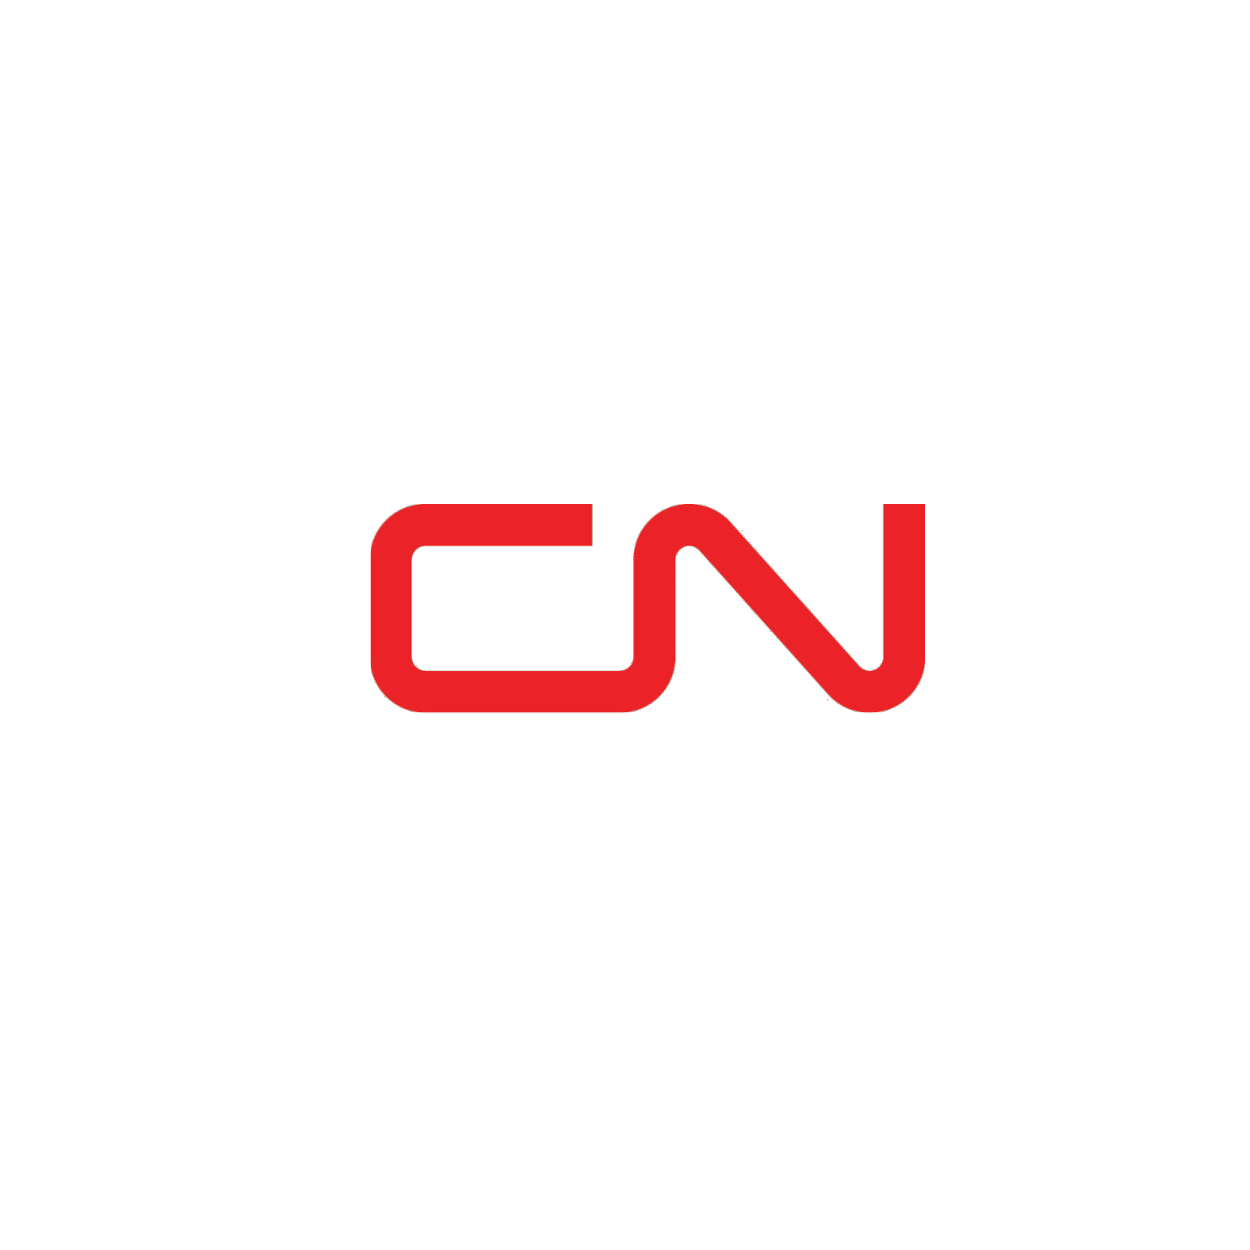 cn.png